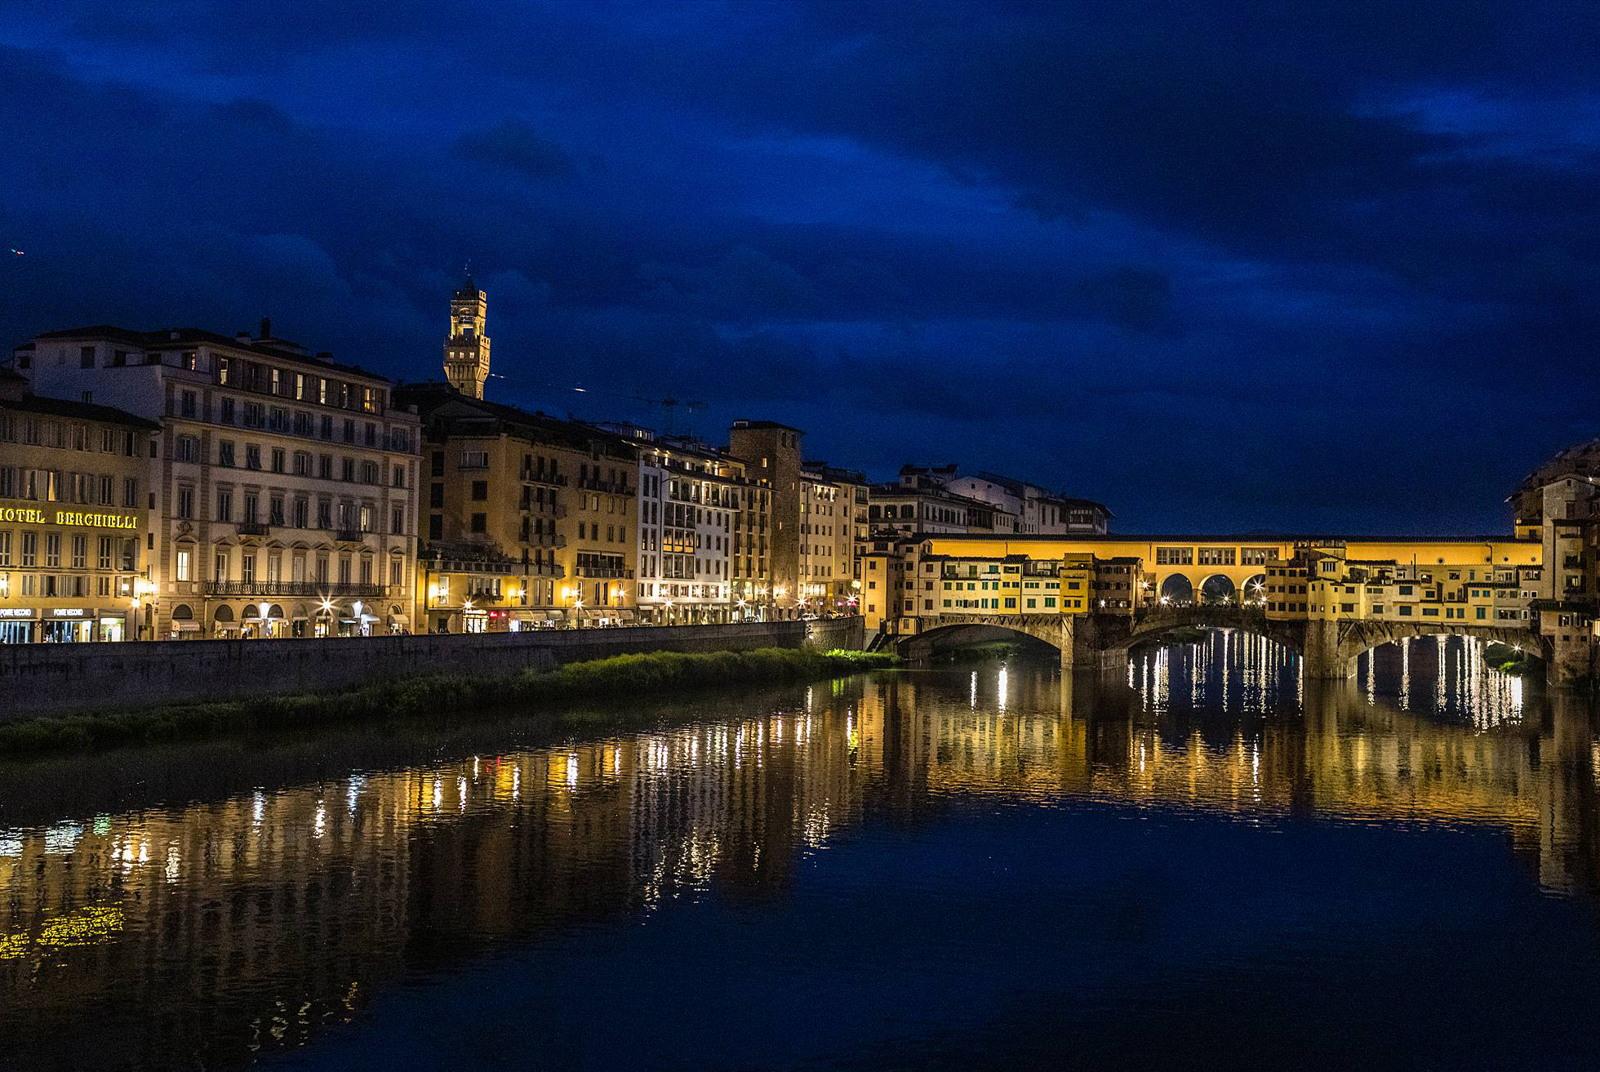 Bridge at night in Florence